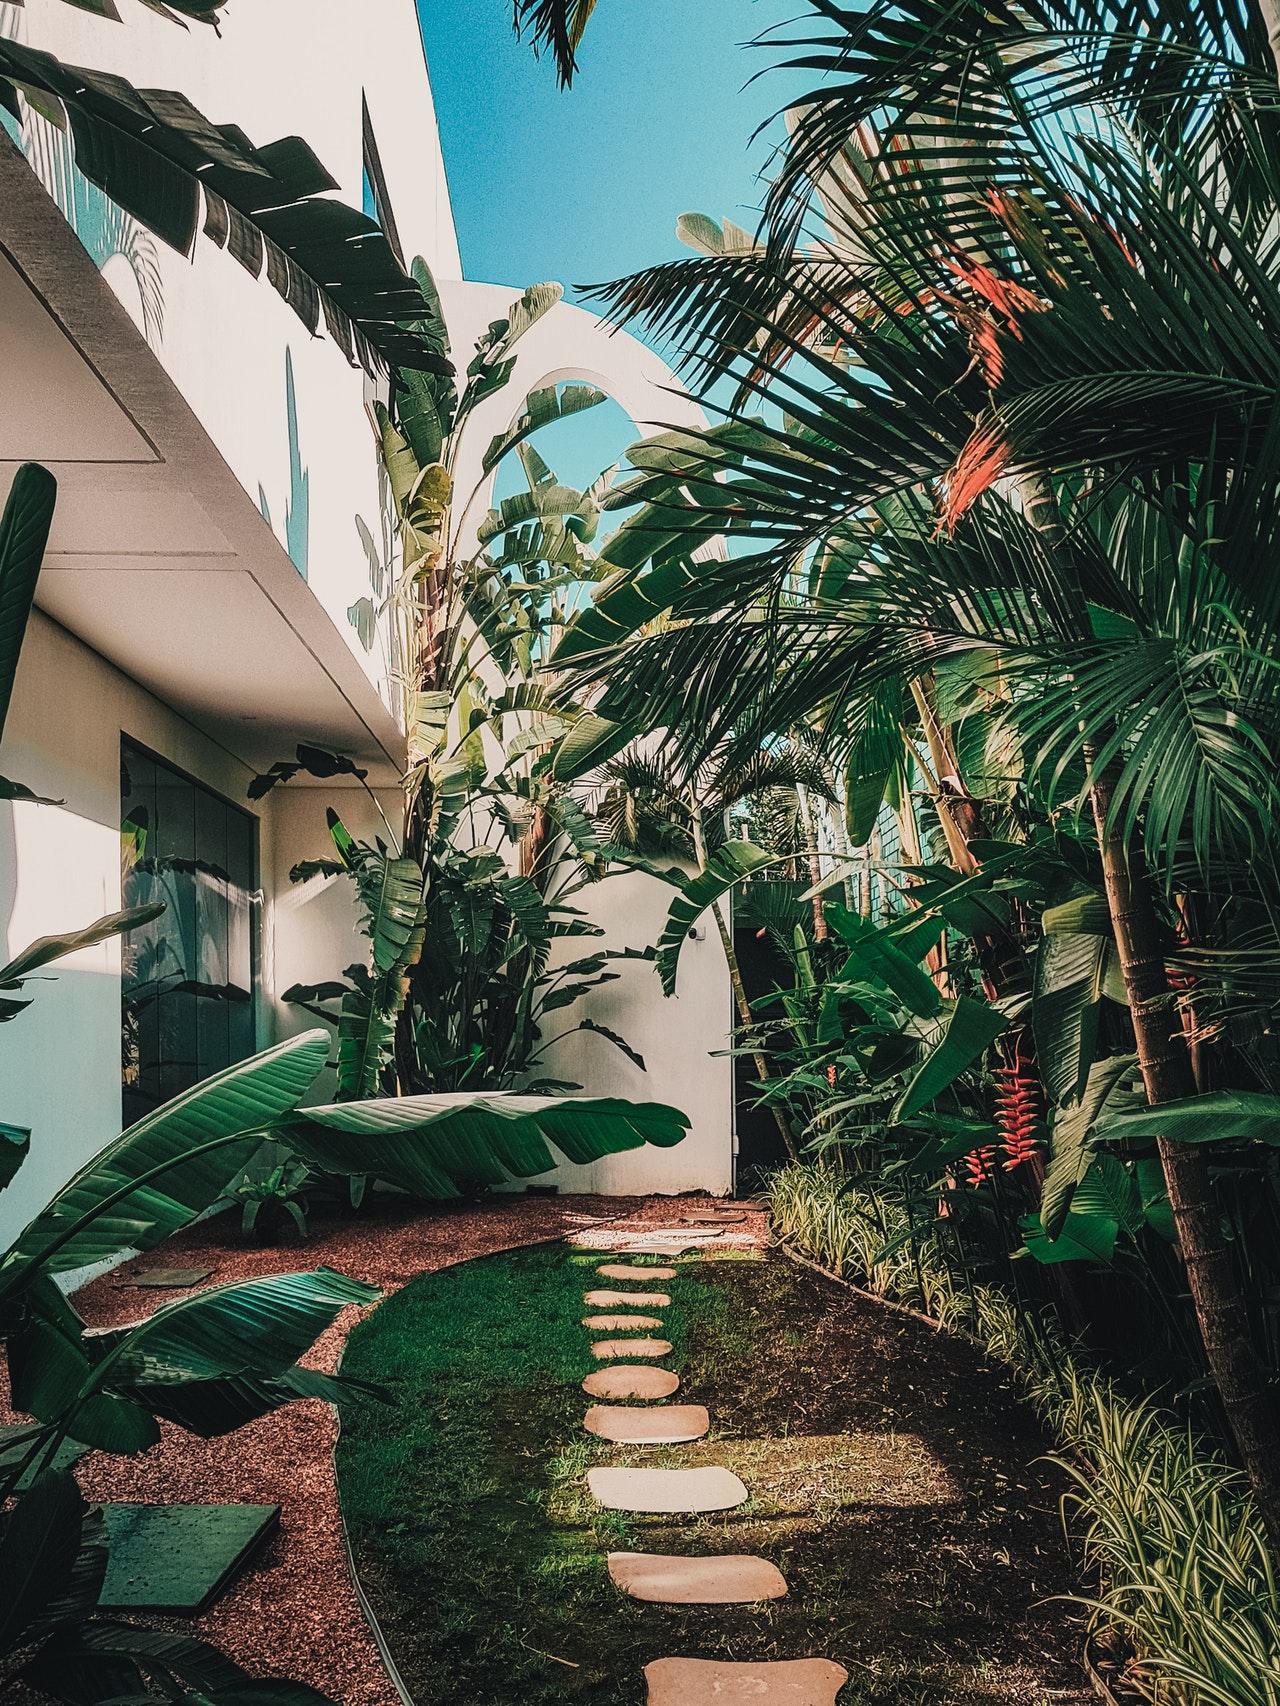 jardin d'une maison blanche avec des marches en roches